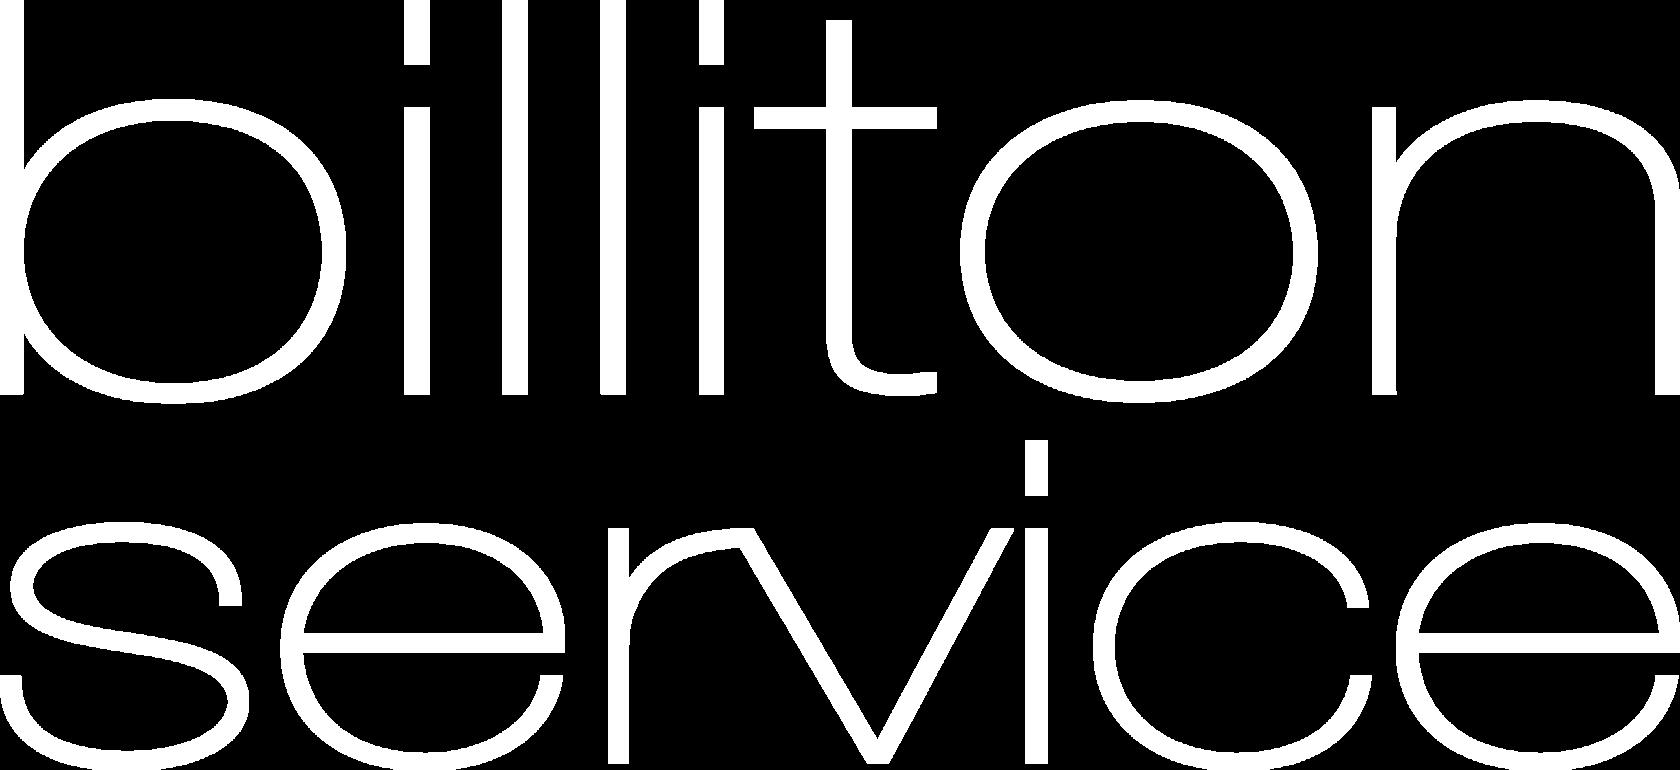 Billiton service